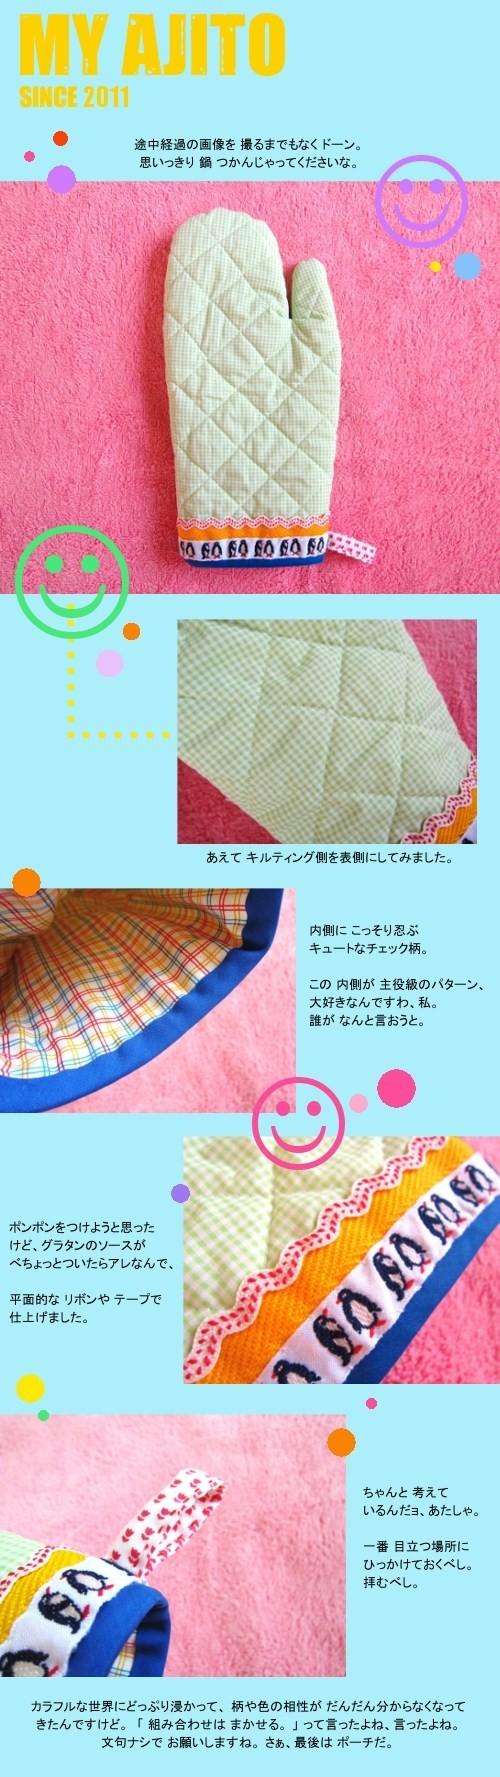 yun_004.jpg